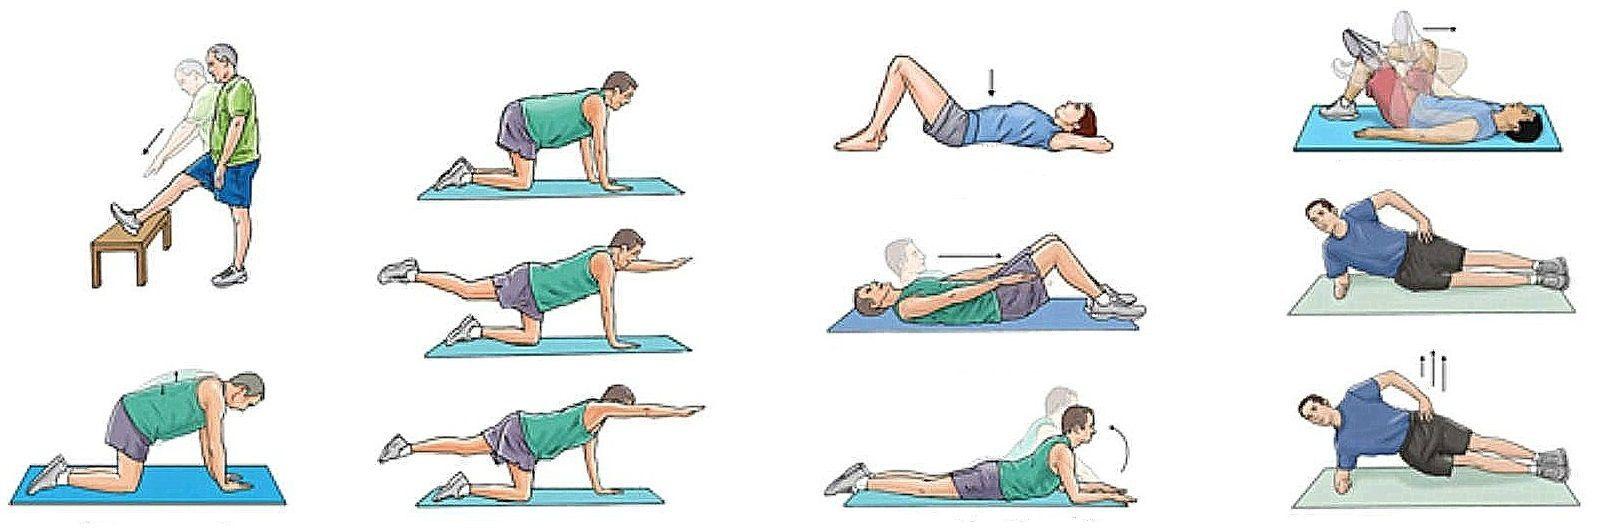 Упражнения от боли в спине. комплекс упражнений при болях в спине